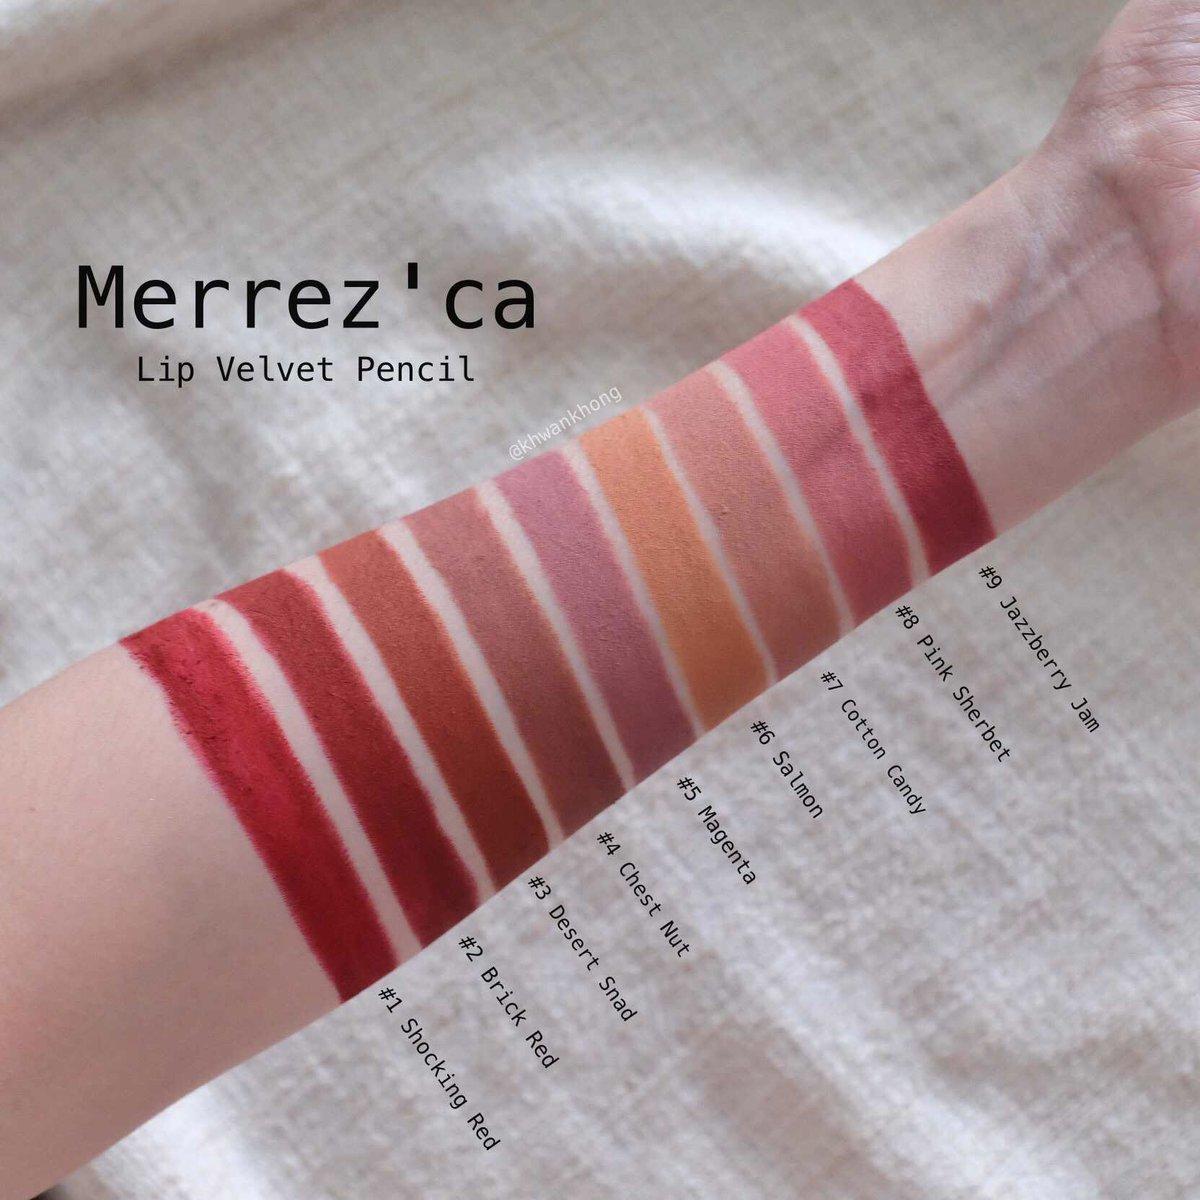 �ล�าร���หารู��า�สำหรั� Merrezca Lip Velvet Pencil